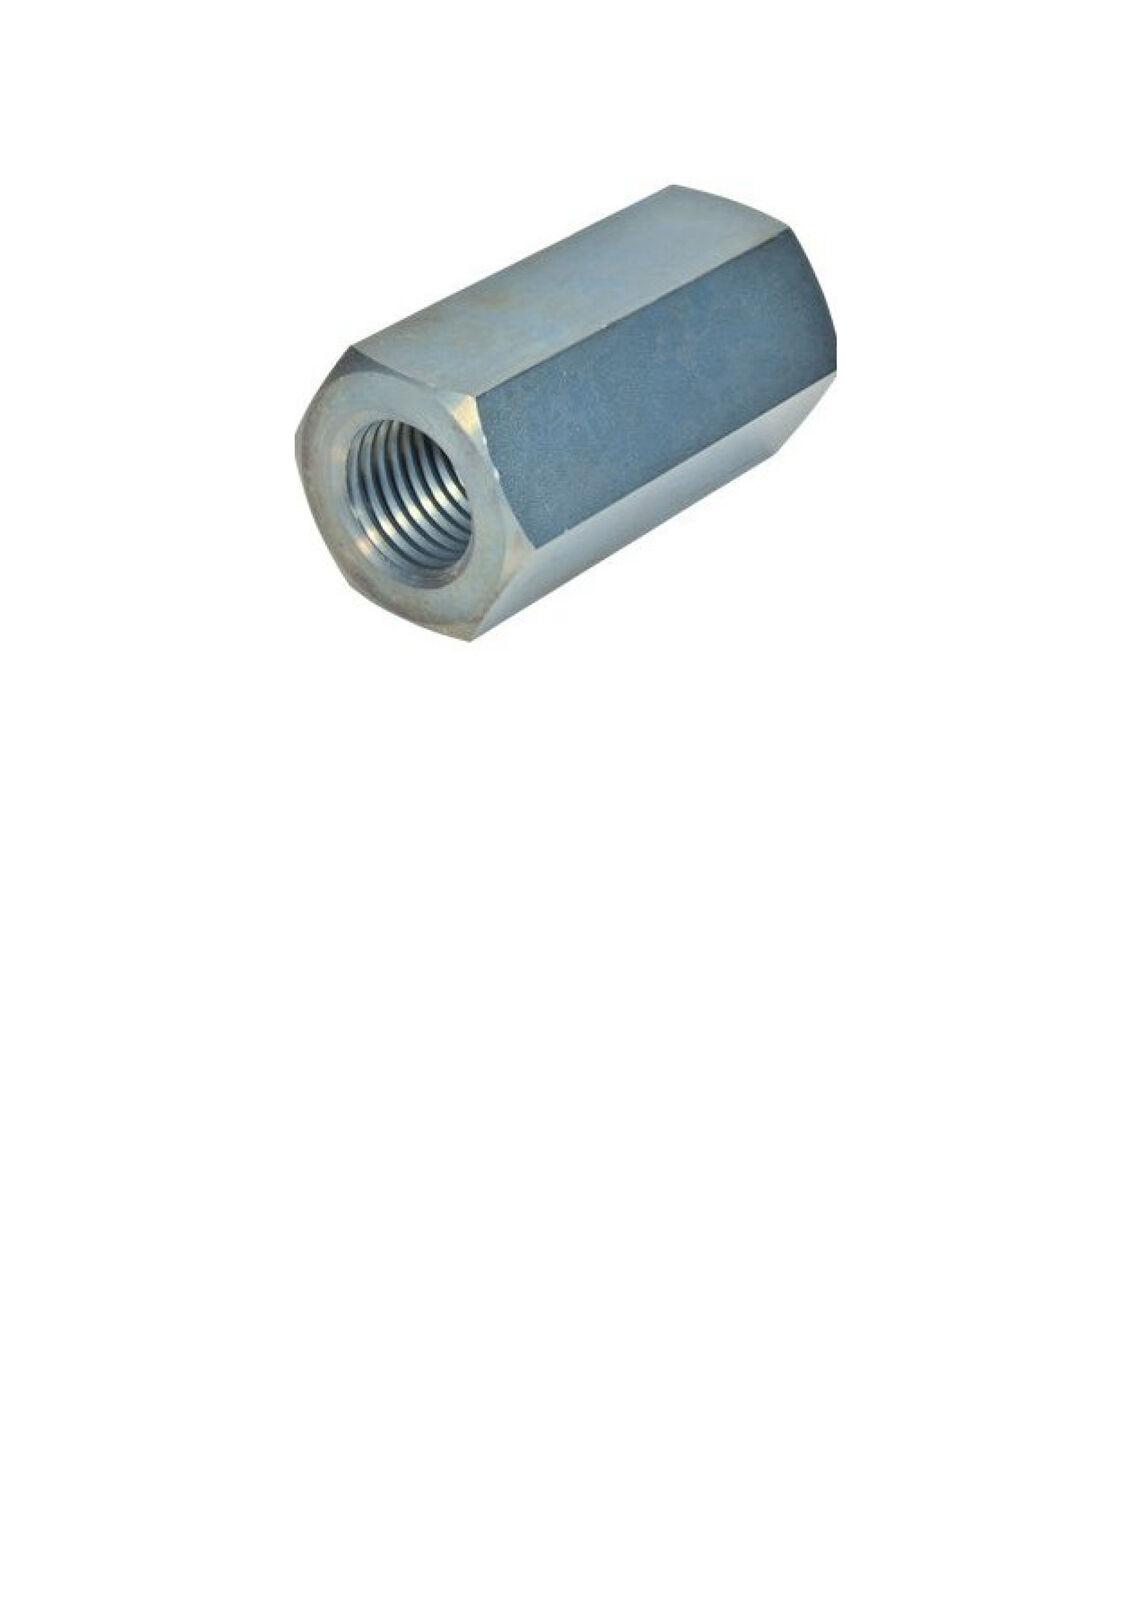 DIN6334 Sechskantmutter 3d hoch Edelstahl A2 A4 M5x15,M8x24,M14x42, M20x60